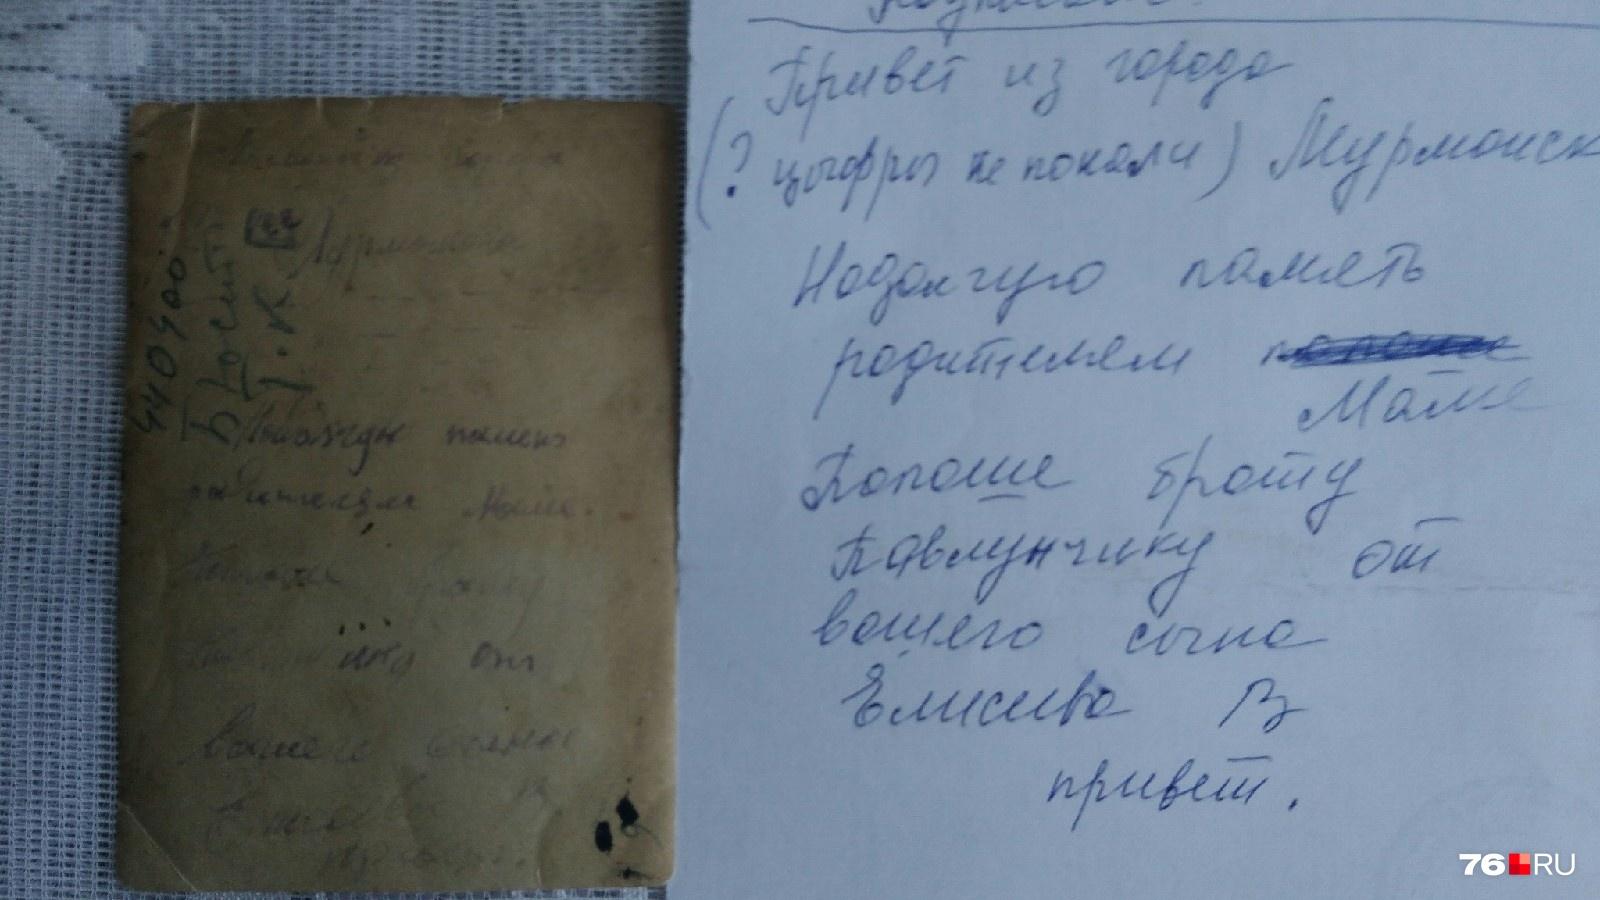 В каком году было написано письмо — неизвестно